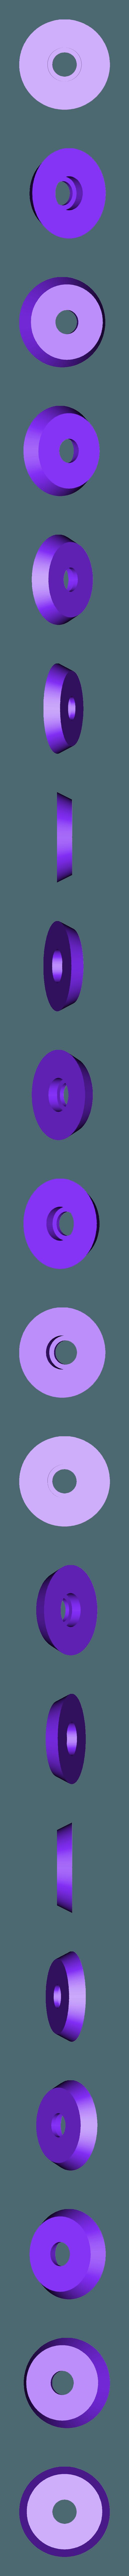 Spool_holder_large.stl Télécharger fichier STL gratuit 20/20 Porte-bobine et pince • Modèle pour imprimante 3D, LionFox